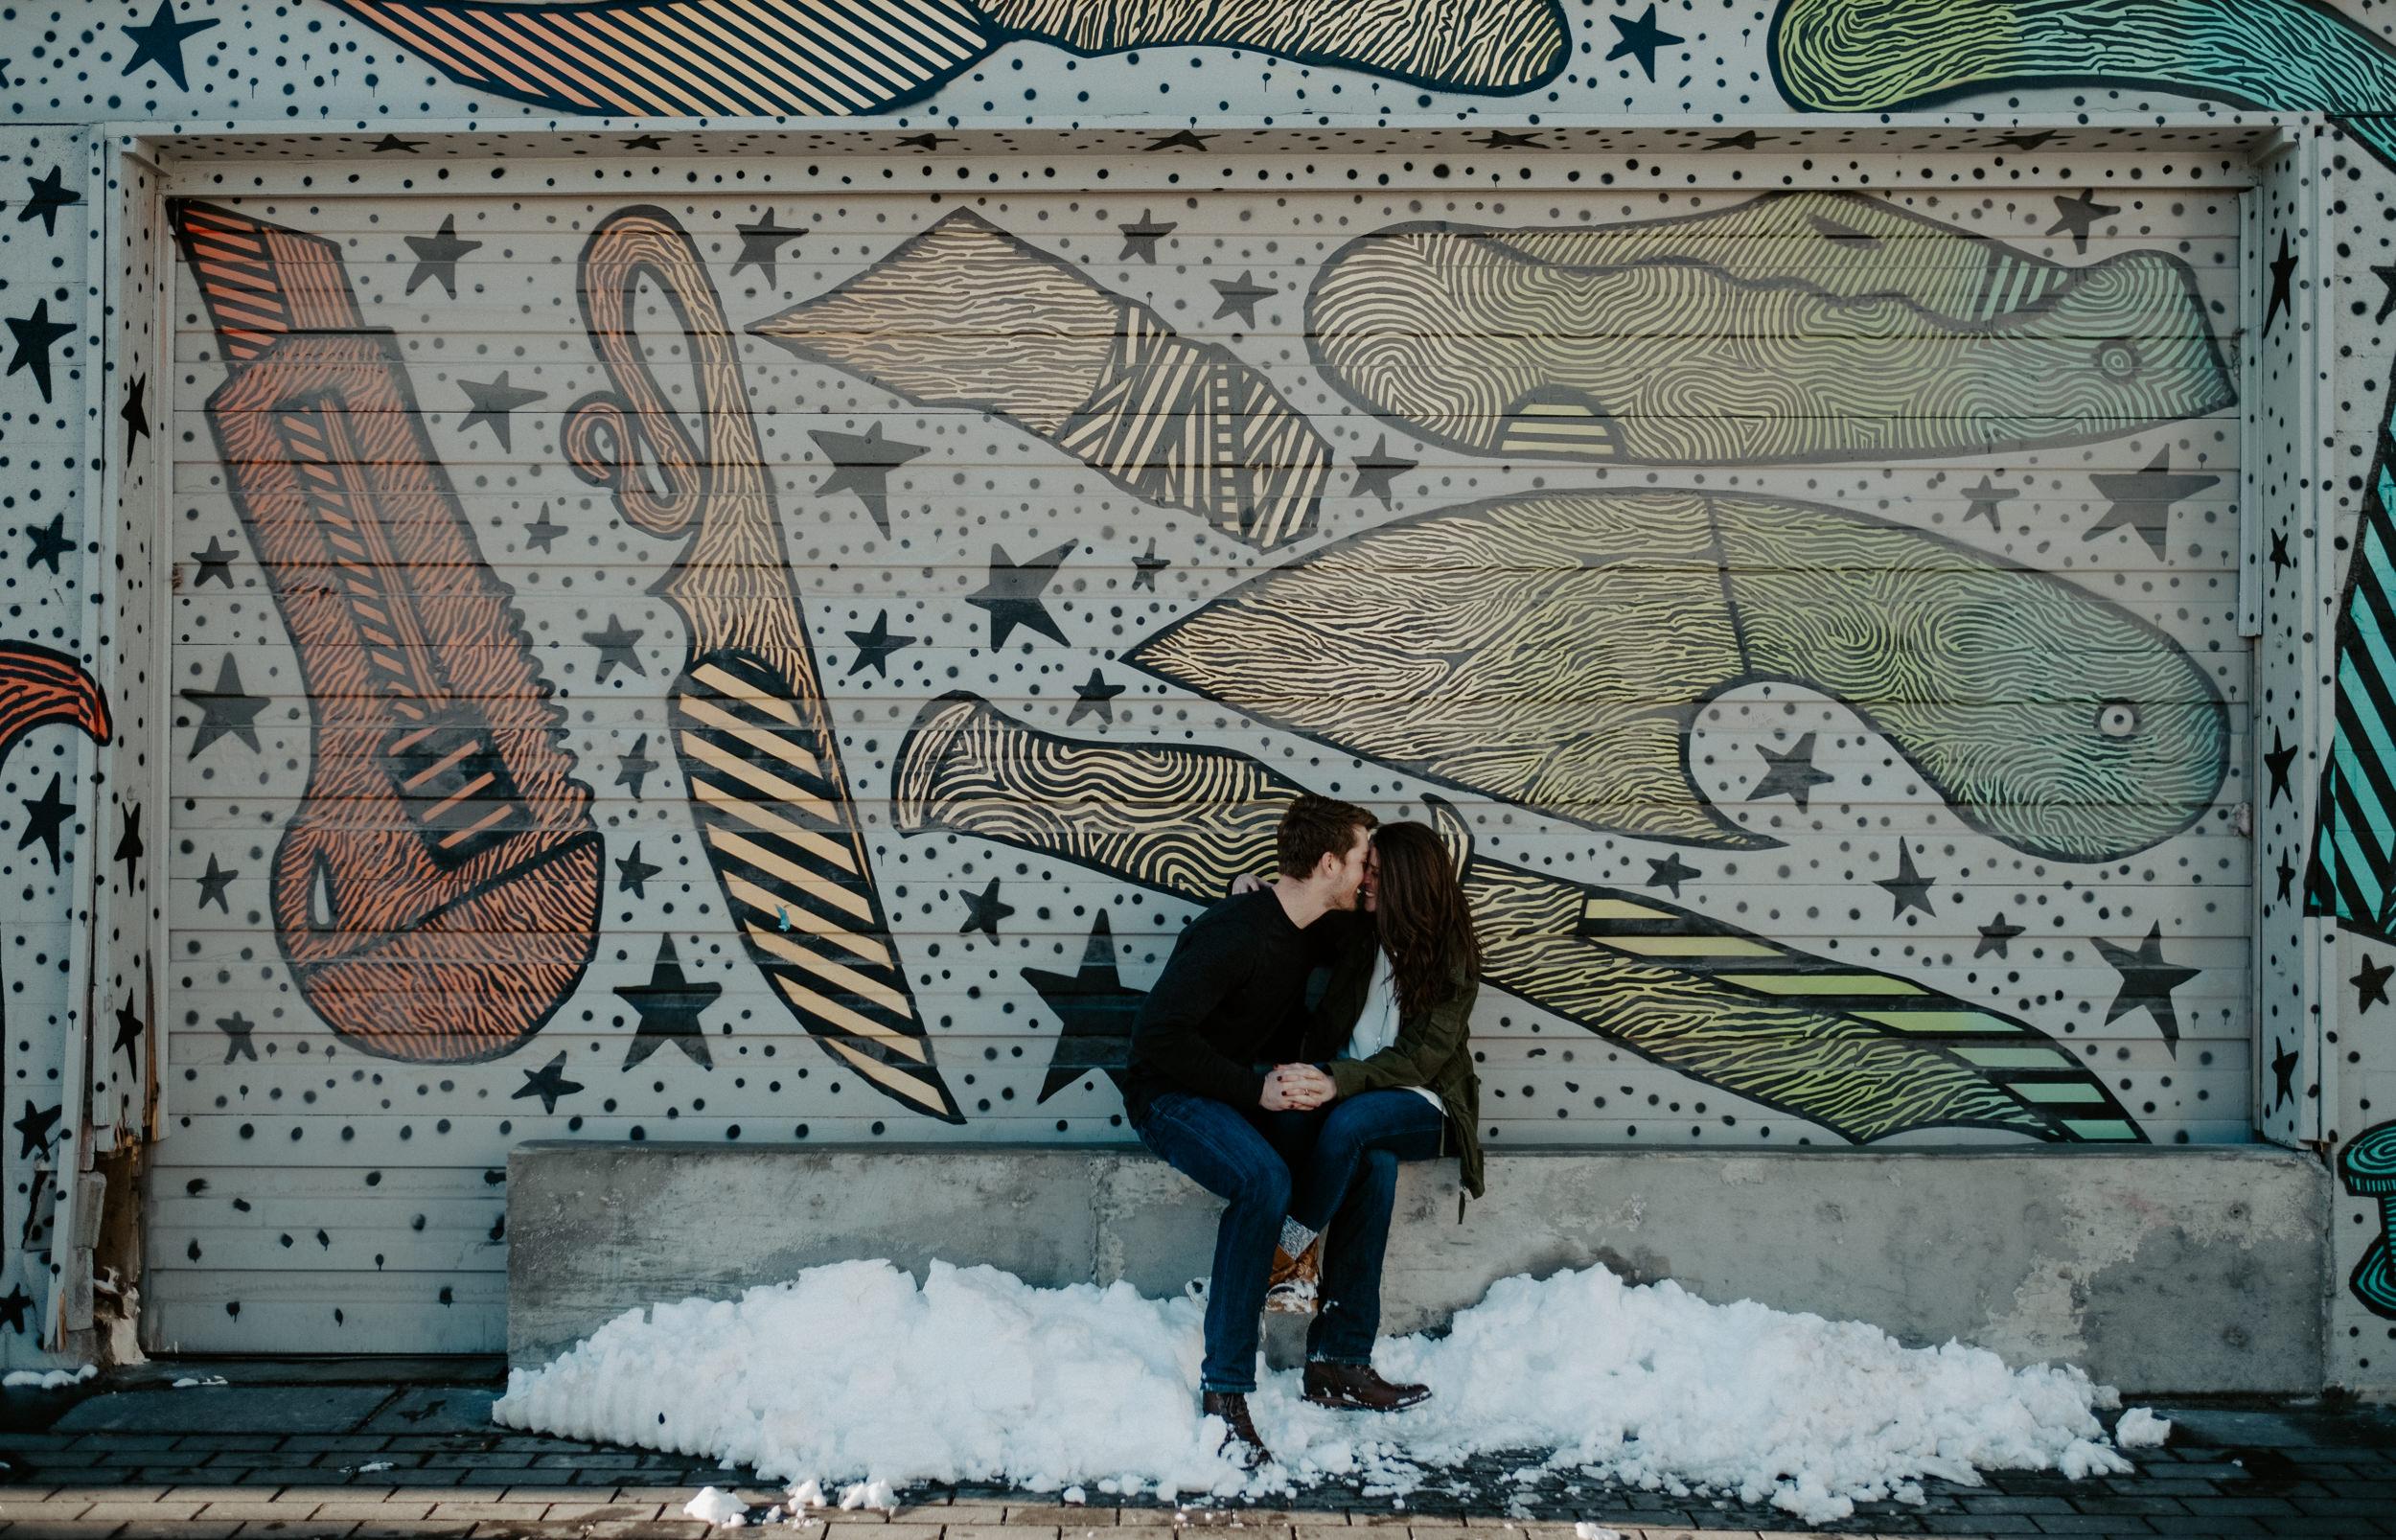 Colorado engagement photographer. Denver wedding photographer. Downtown Denver urban engagement photos.